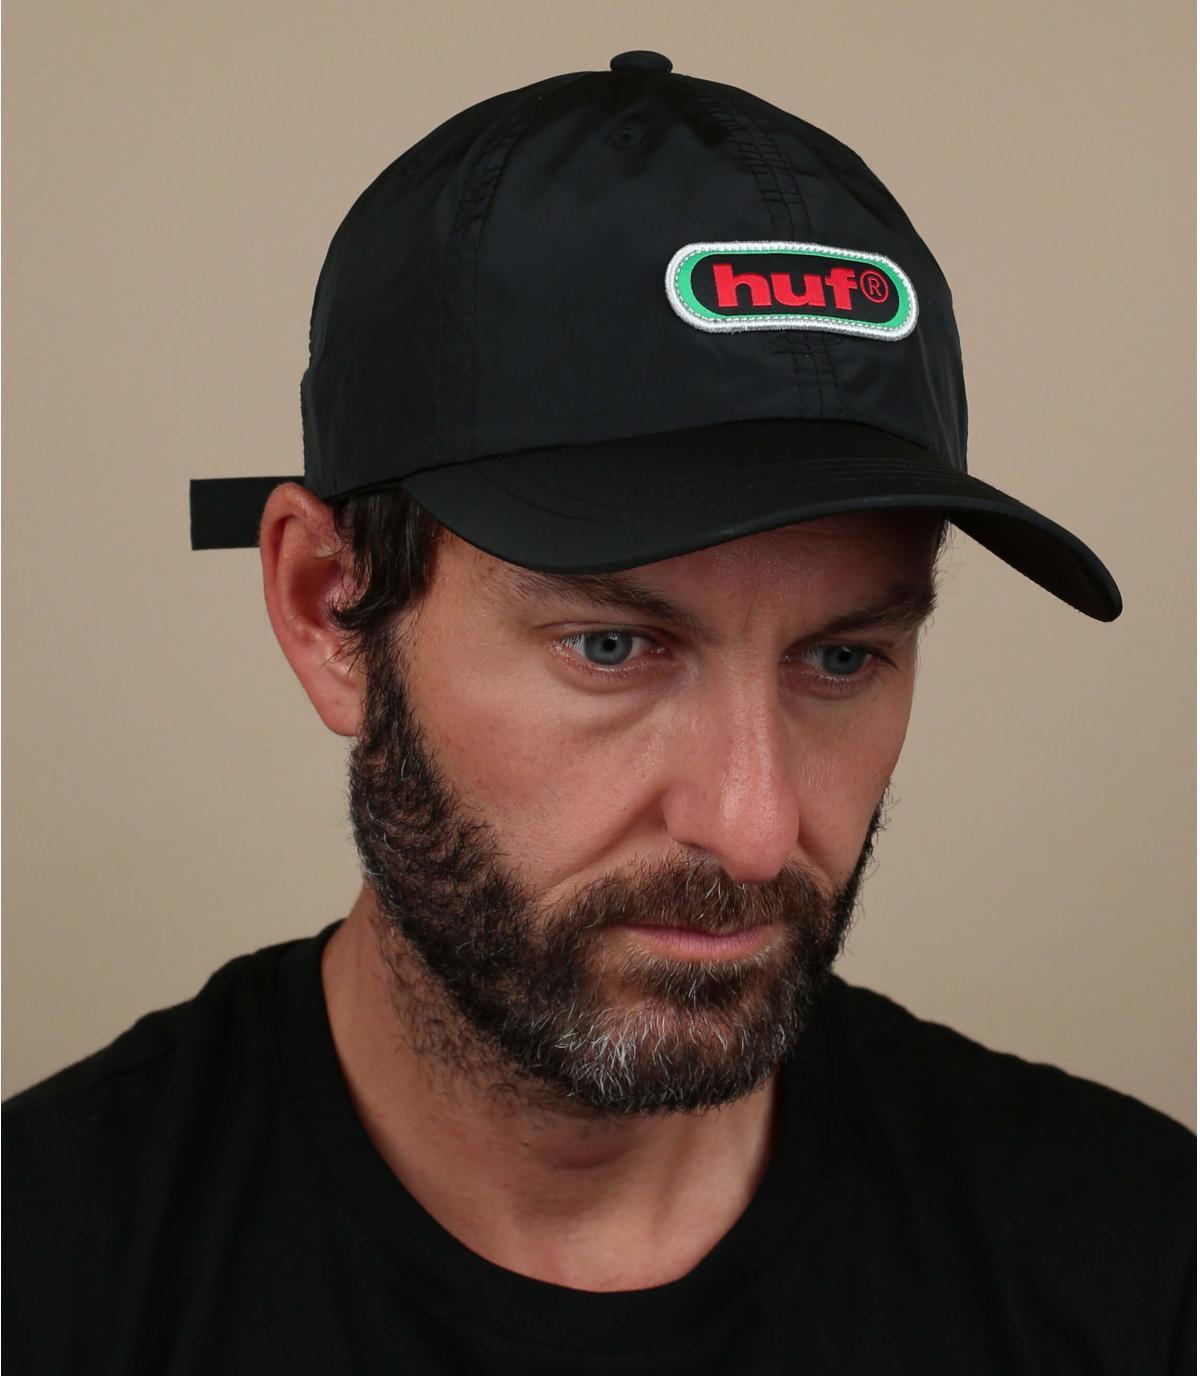 schwarze Cap Huf Retro